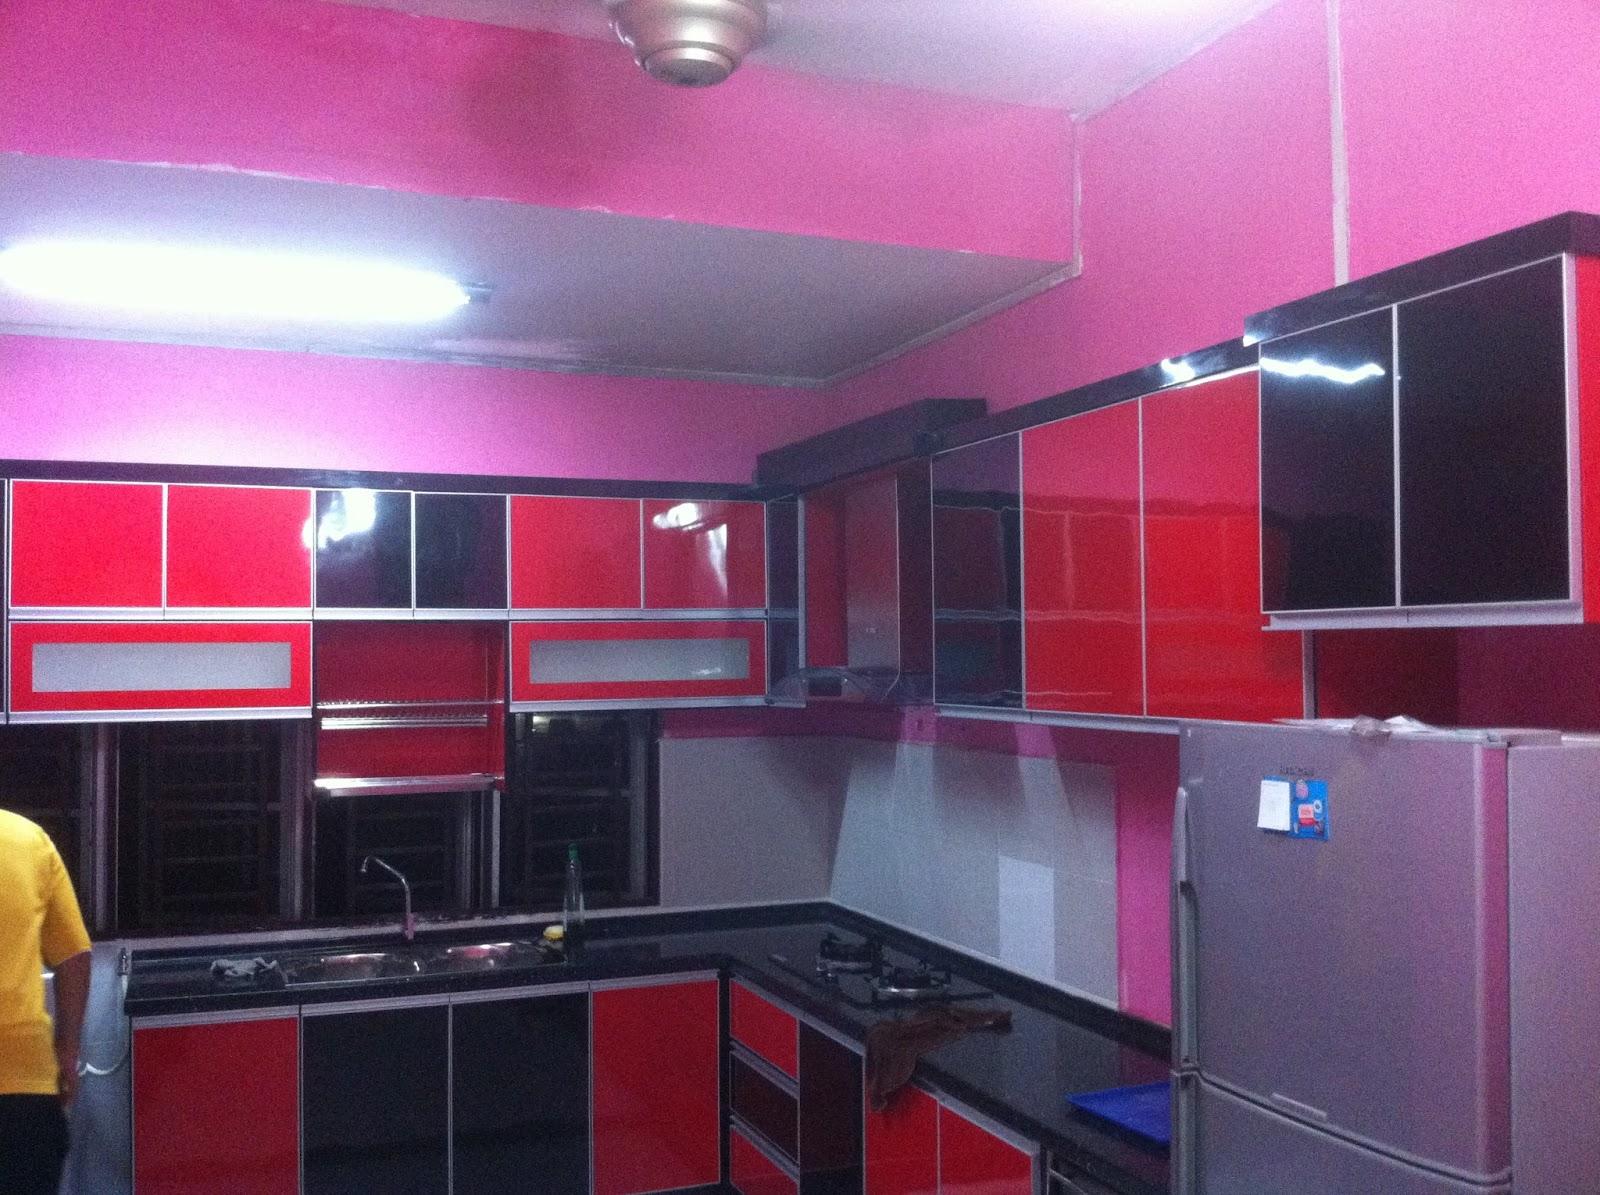 Kabinet Dapur Menggunakan Kemasan Formica Warna Hitam Dan Merah